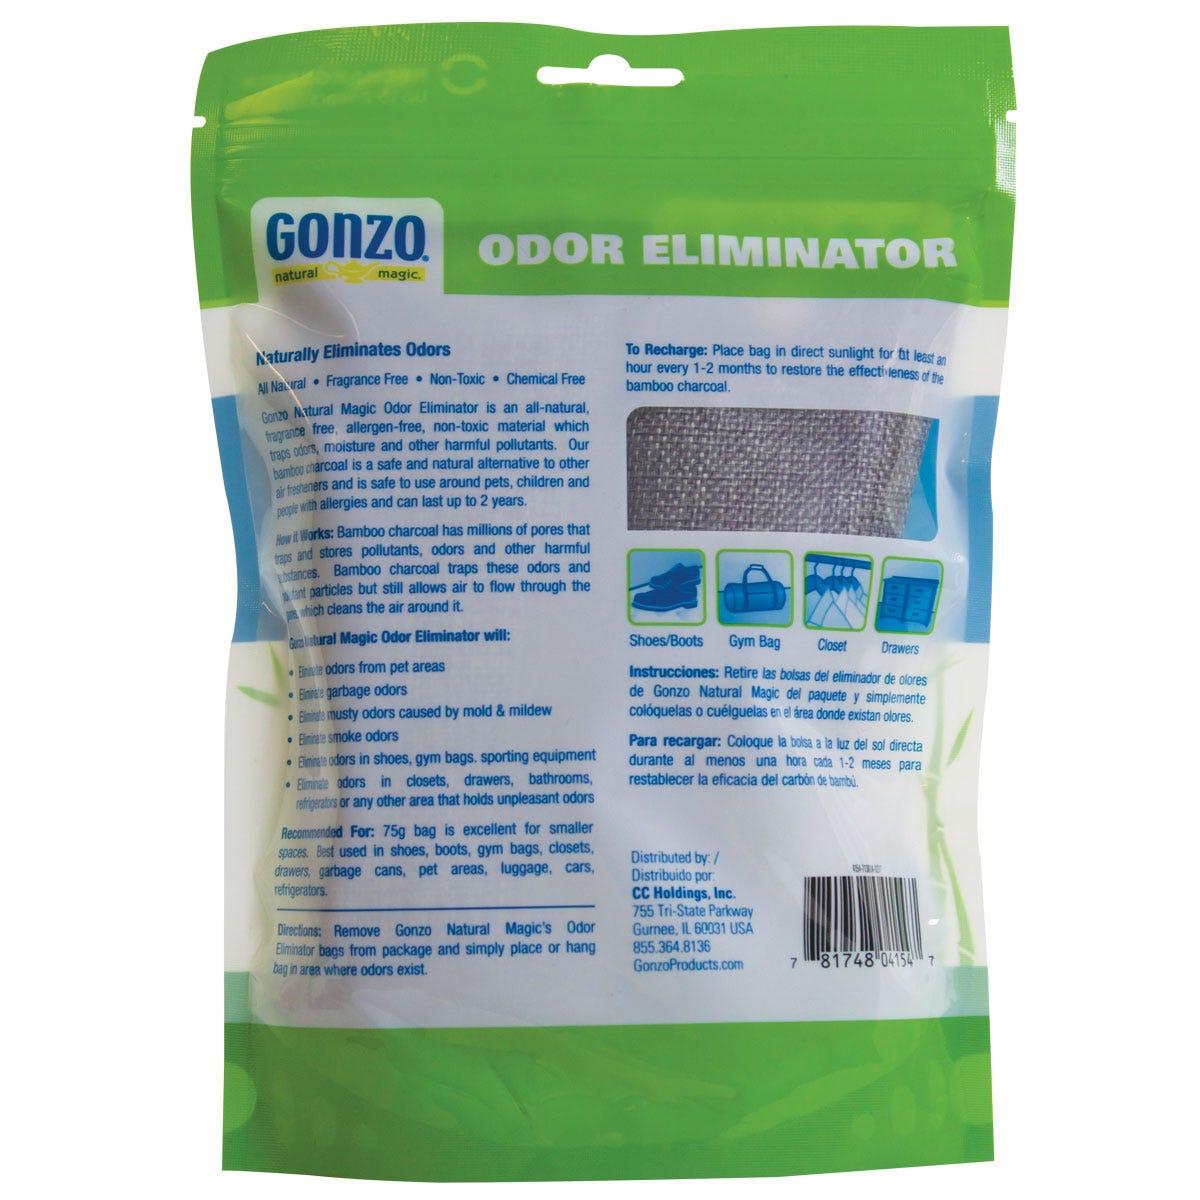 https://googone.com/media/catalog/product/g/y/gym-bag-odor-eliminator_back.jpg